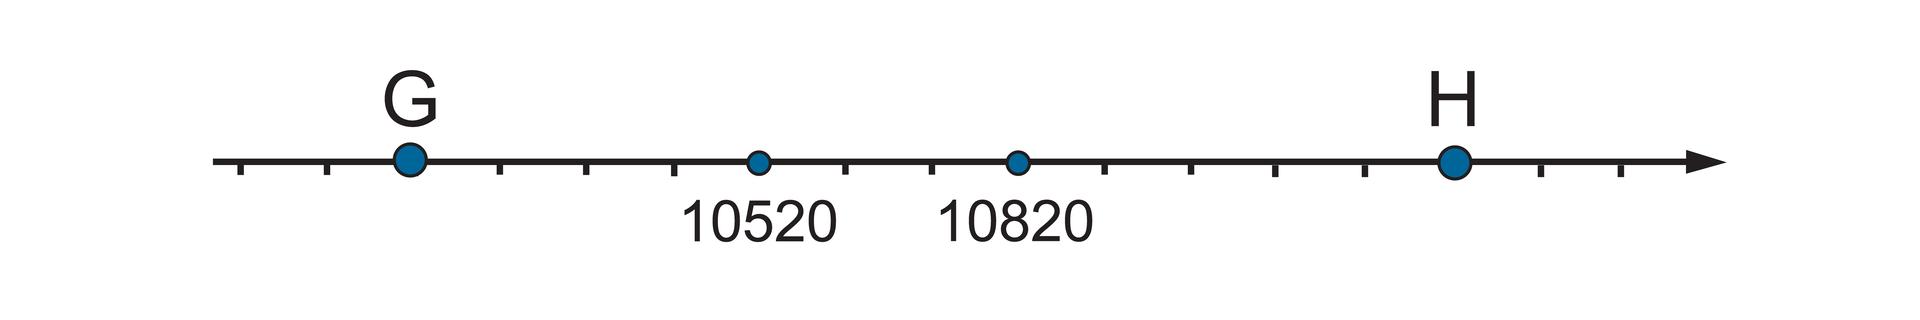 """""""Rysunek osi liczbowej zzaznaczonymi punktami GiHoraz liczbami 10520 i10820. Odcinek jednostkowy równy 100. Szukane punkty: punkt Gwyznacza cztery części przed punktem 10520"""